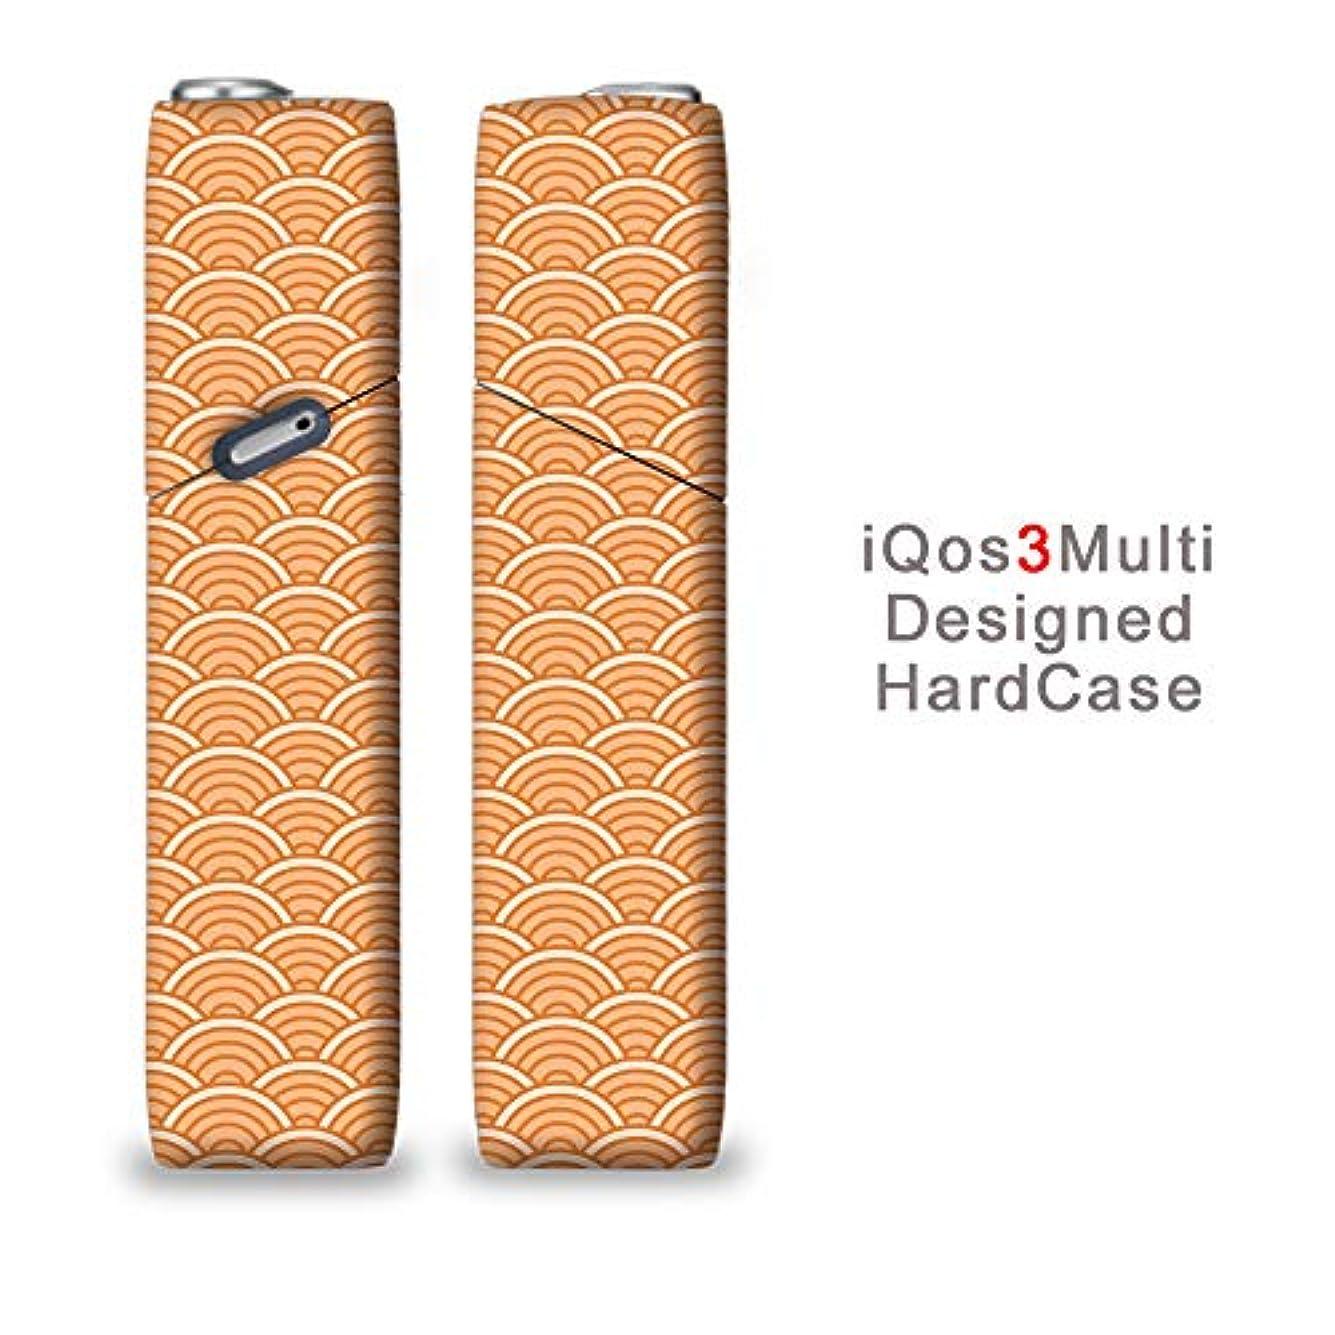 完全国内受注生産 iQOS3マルチ用 アイコス3マルチ用 熱転写全面印刷 青海波 オレンジ 加熱式タバコ 電子タバコ 禁煙サポート アクセサリー プラスティックケース ハードケース 日本製